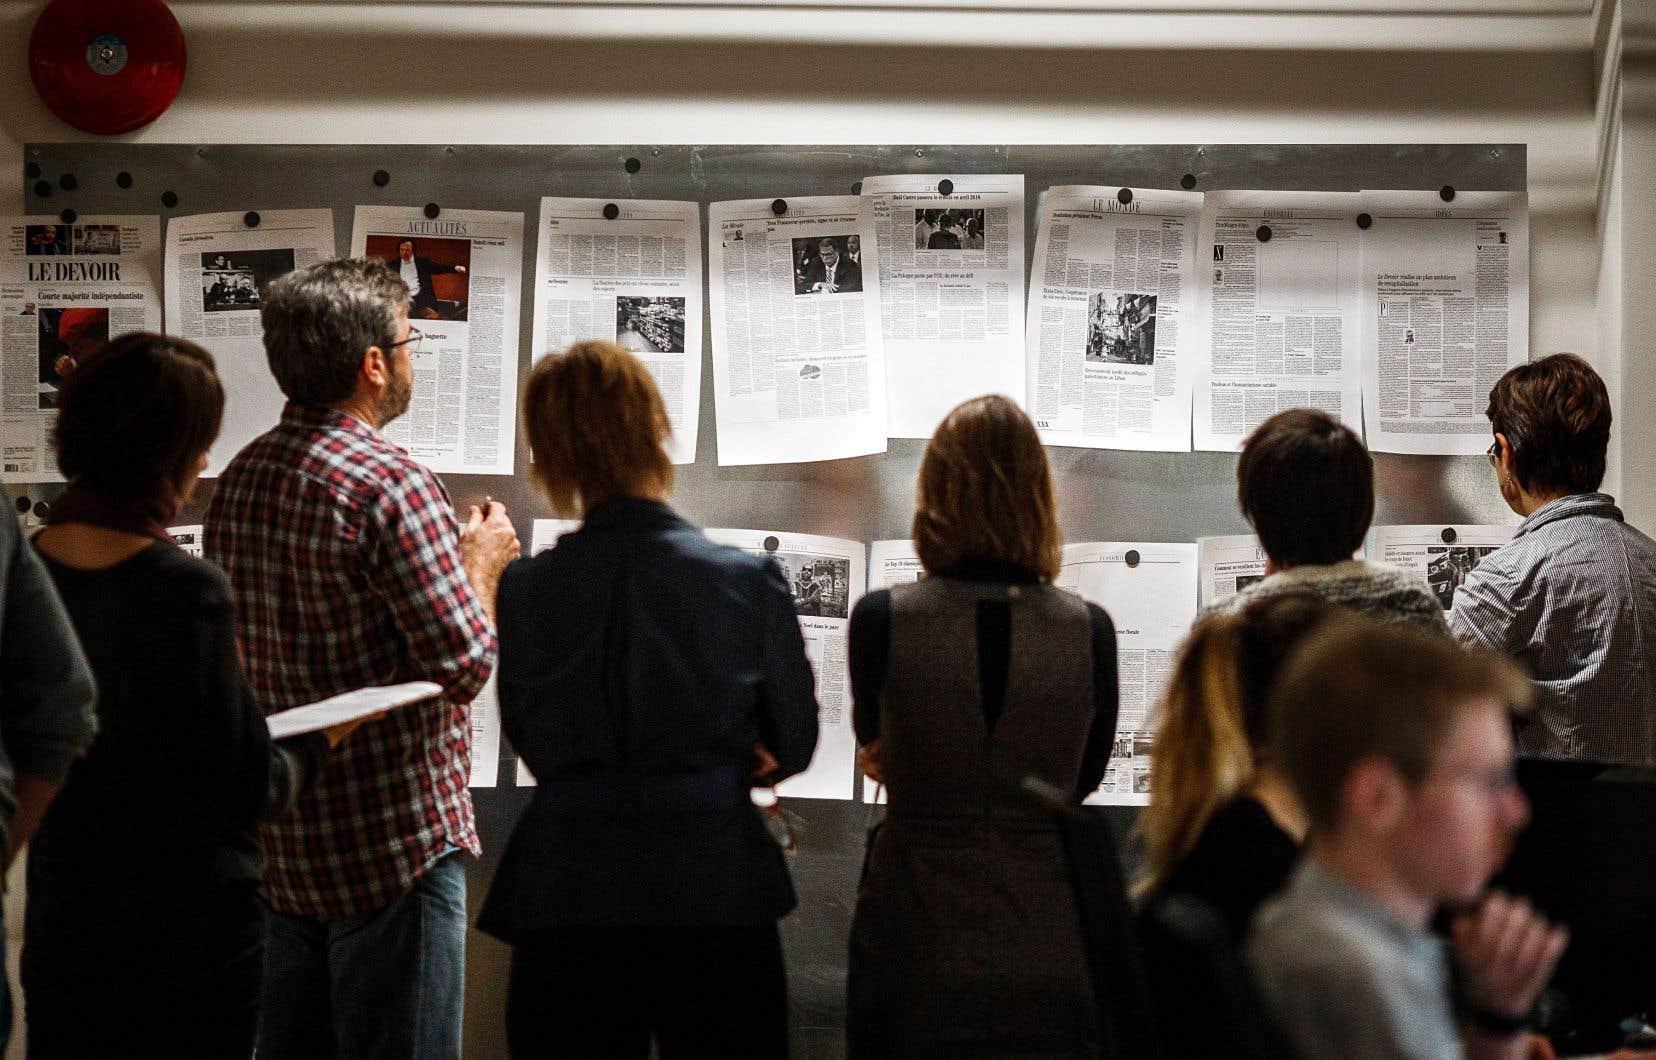 «Le Devoir» se base sur un modèle où la valeur de l'information provient du prix que les lecteurs sont prêts à payer pour soutenir le journalisme de qualité.